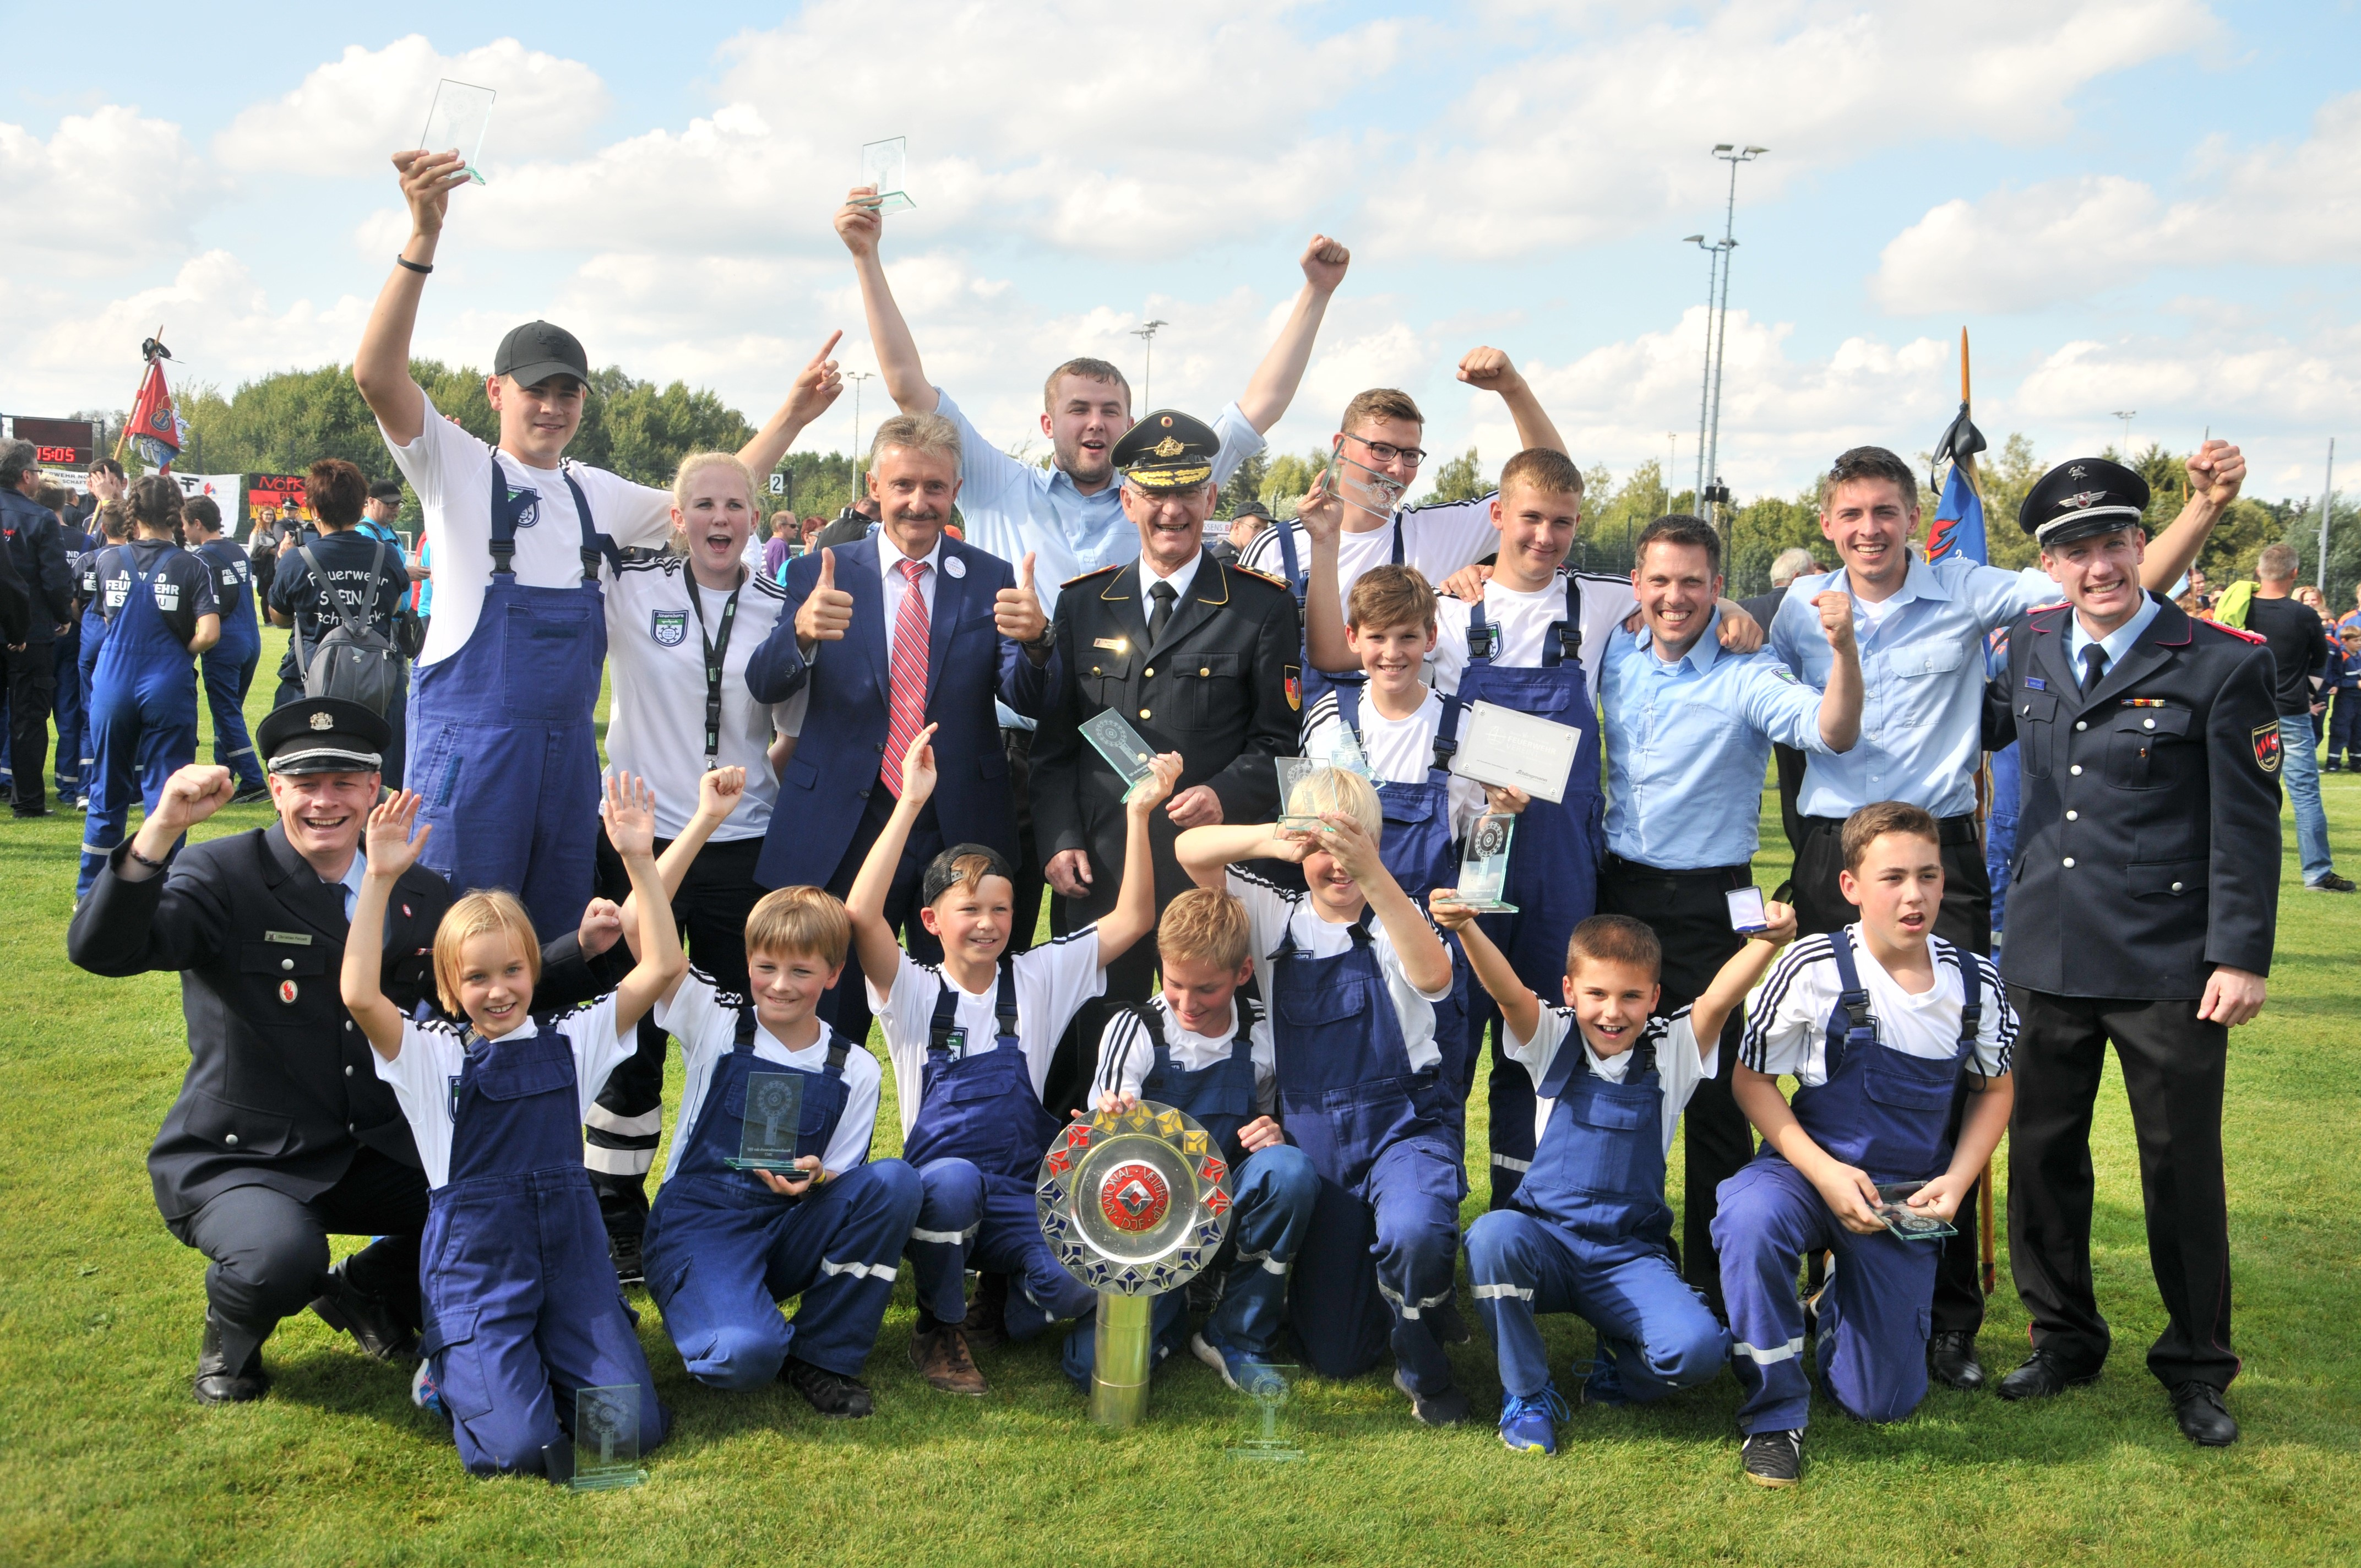 Die siegreiche Mannschaft aus Niedersachsen bei den Deutschen Meisterschaften der Jugendfeuerwehr.